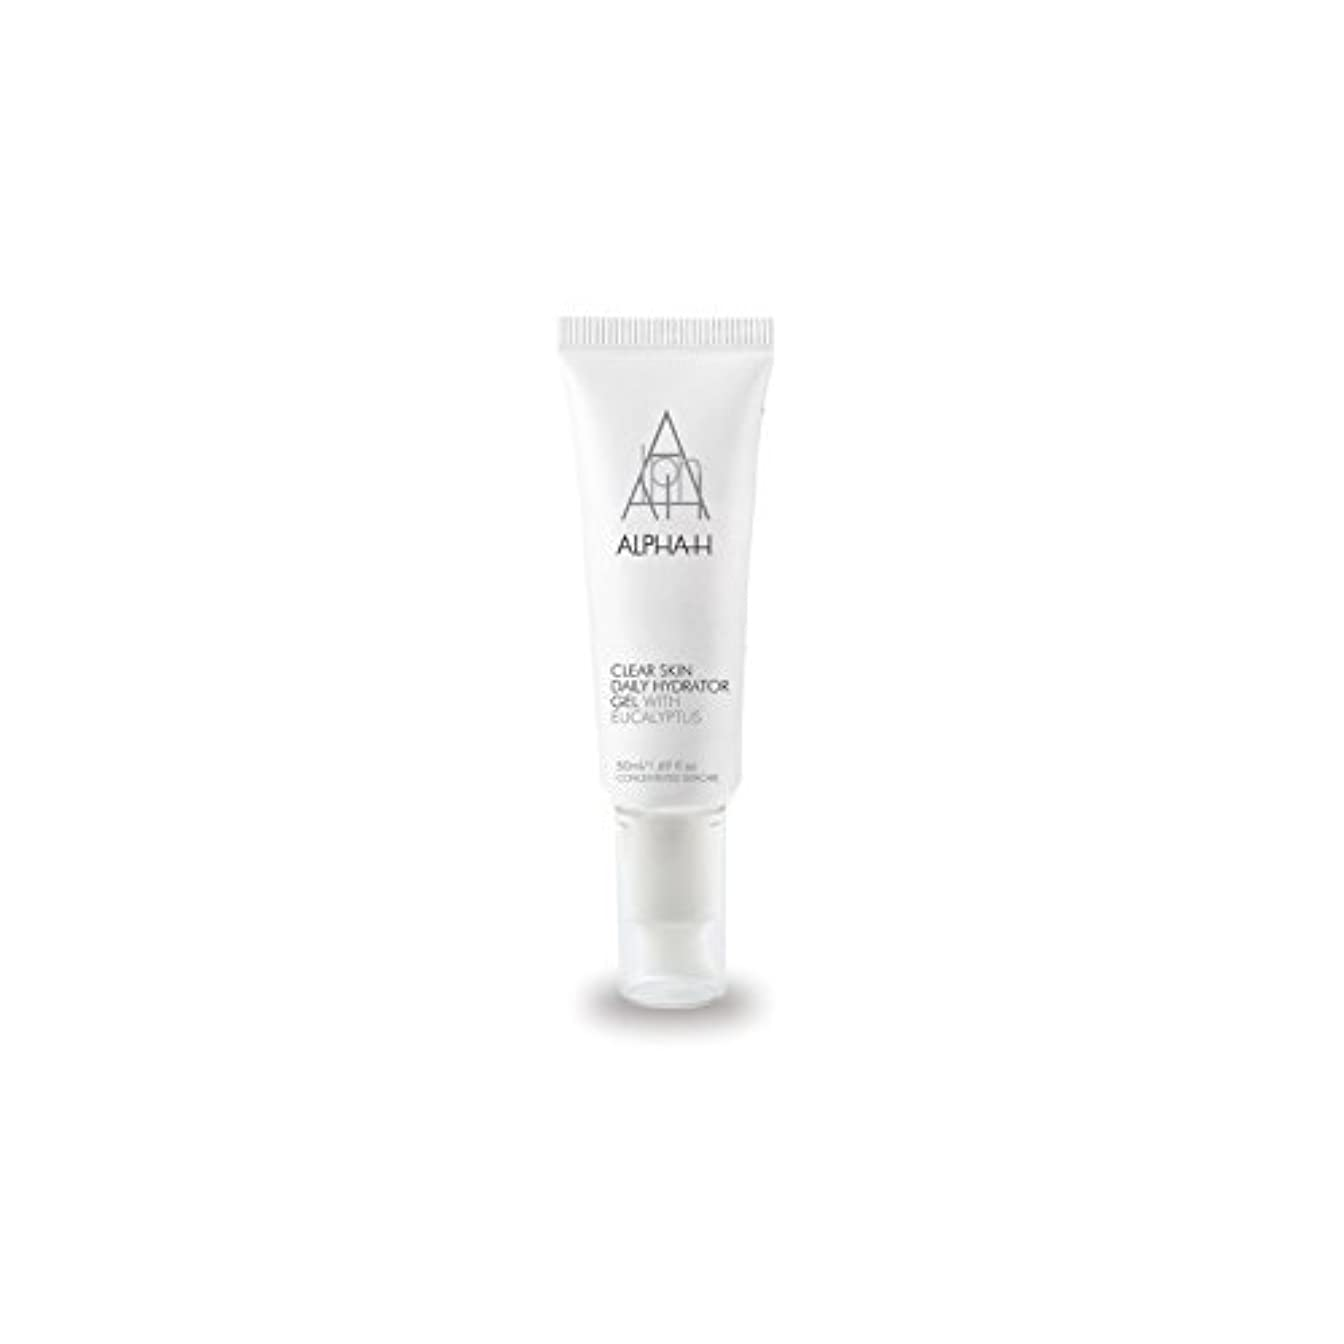 落とし穴周り固体アルファクリア皮膚毎日ハイドレーターゲル(50)中 x2 - Alpha-H Clear Skin Daily Hydrator Gel (50ml) (Pack of 2) [並行輸入品]